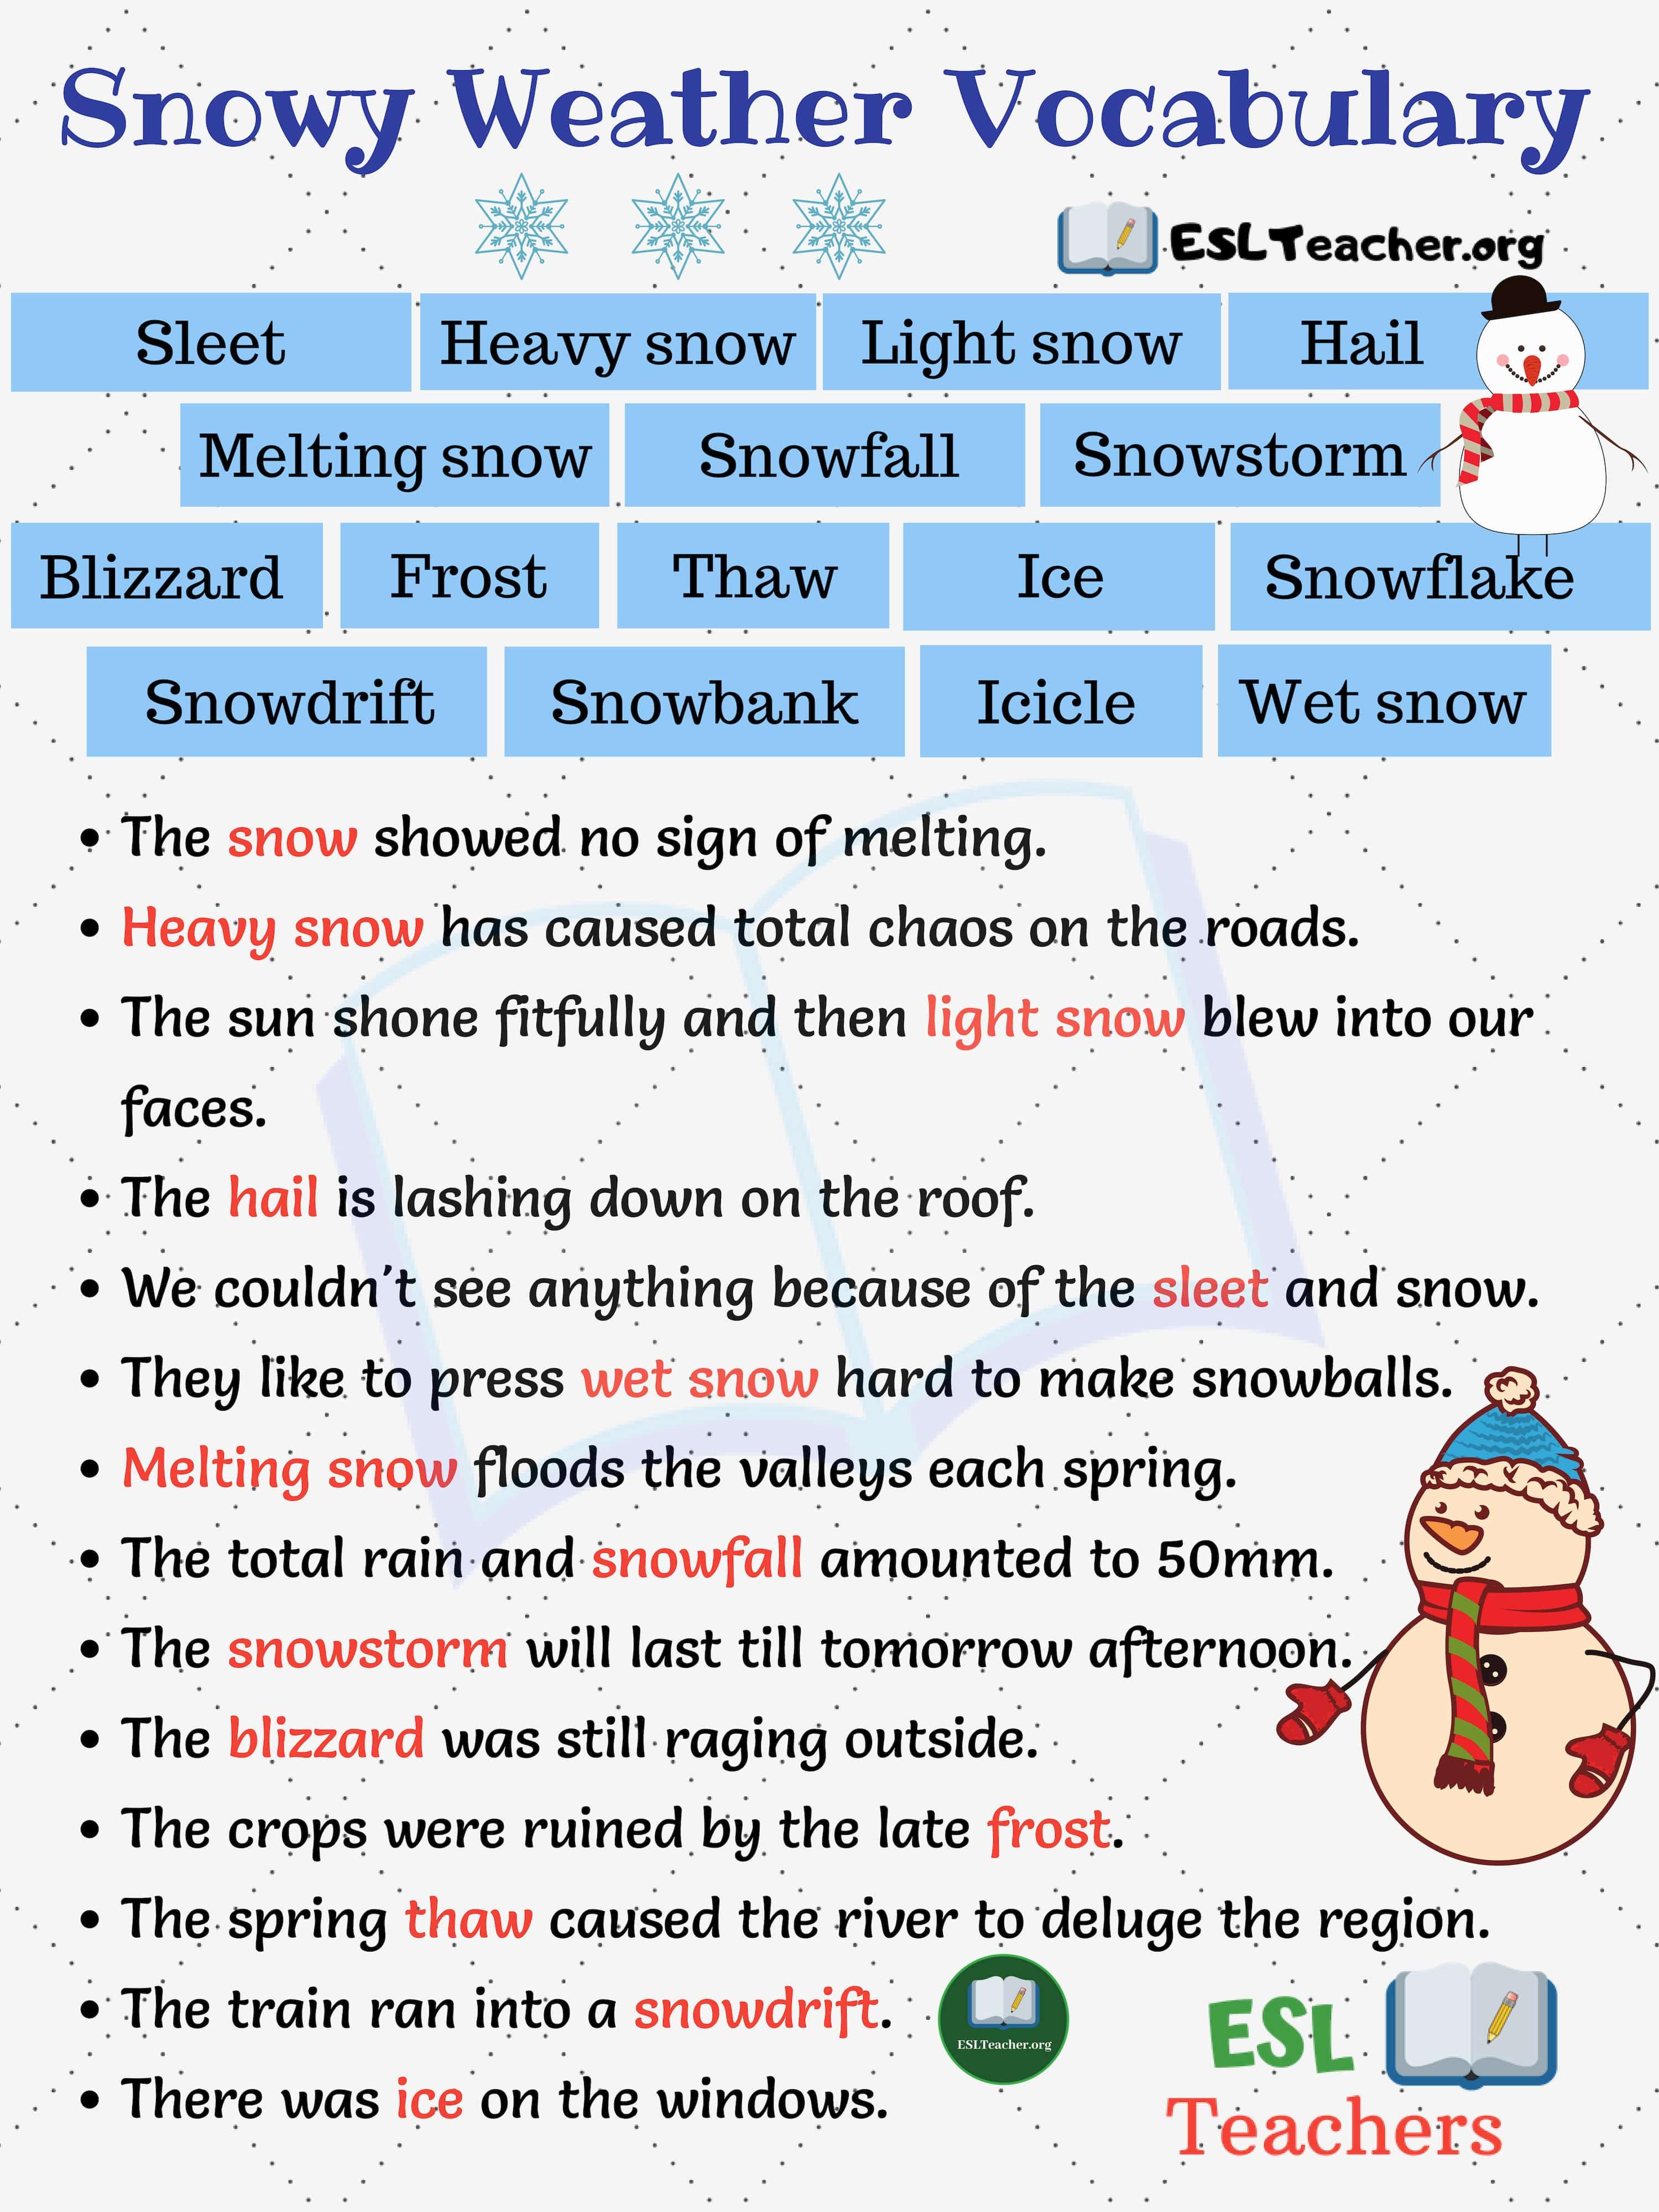 Snowy Weather Vocabulary